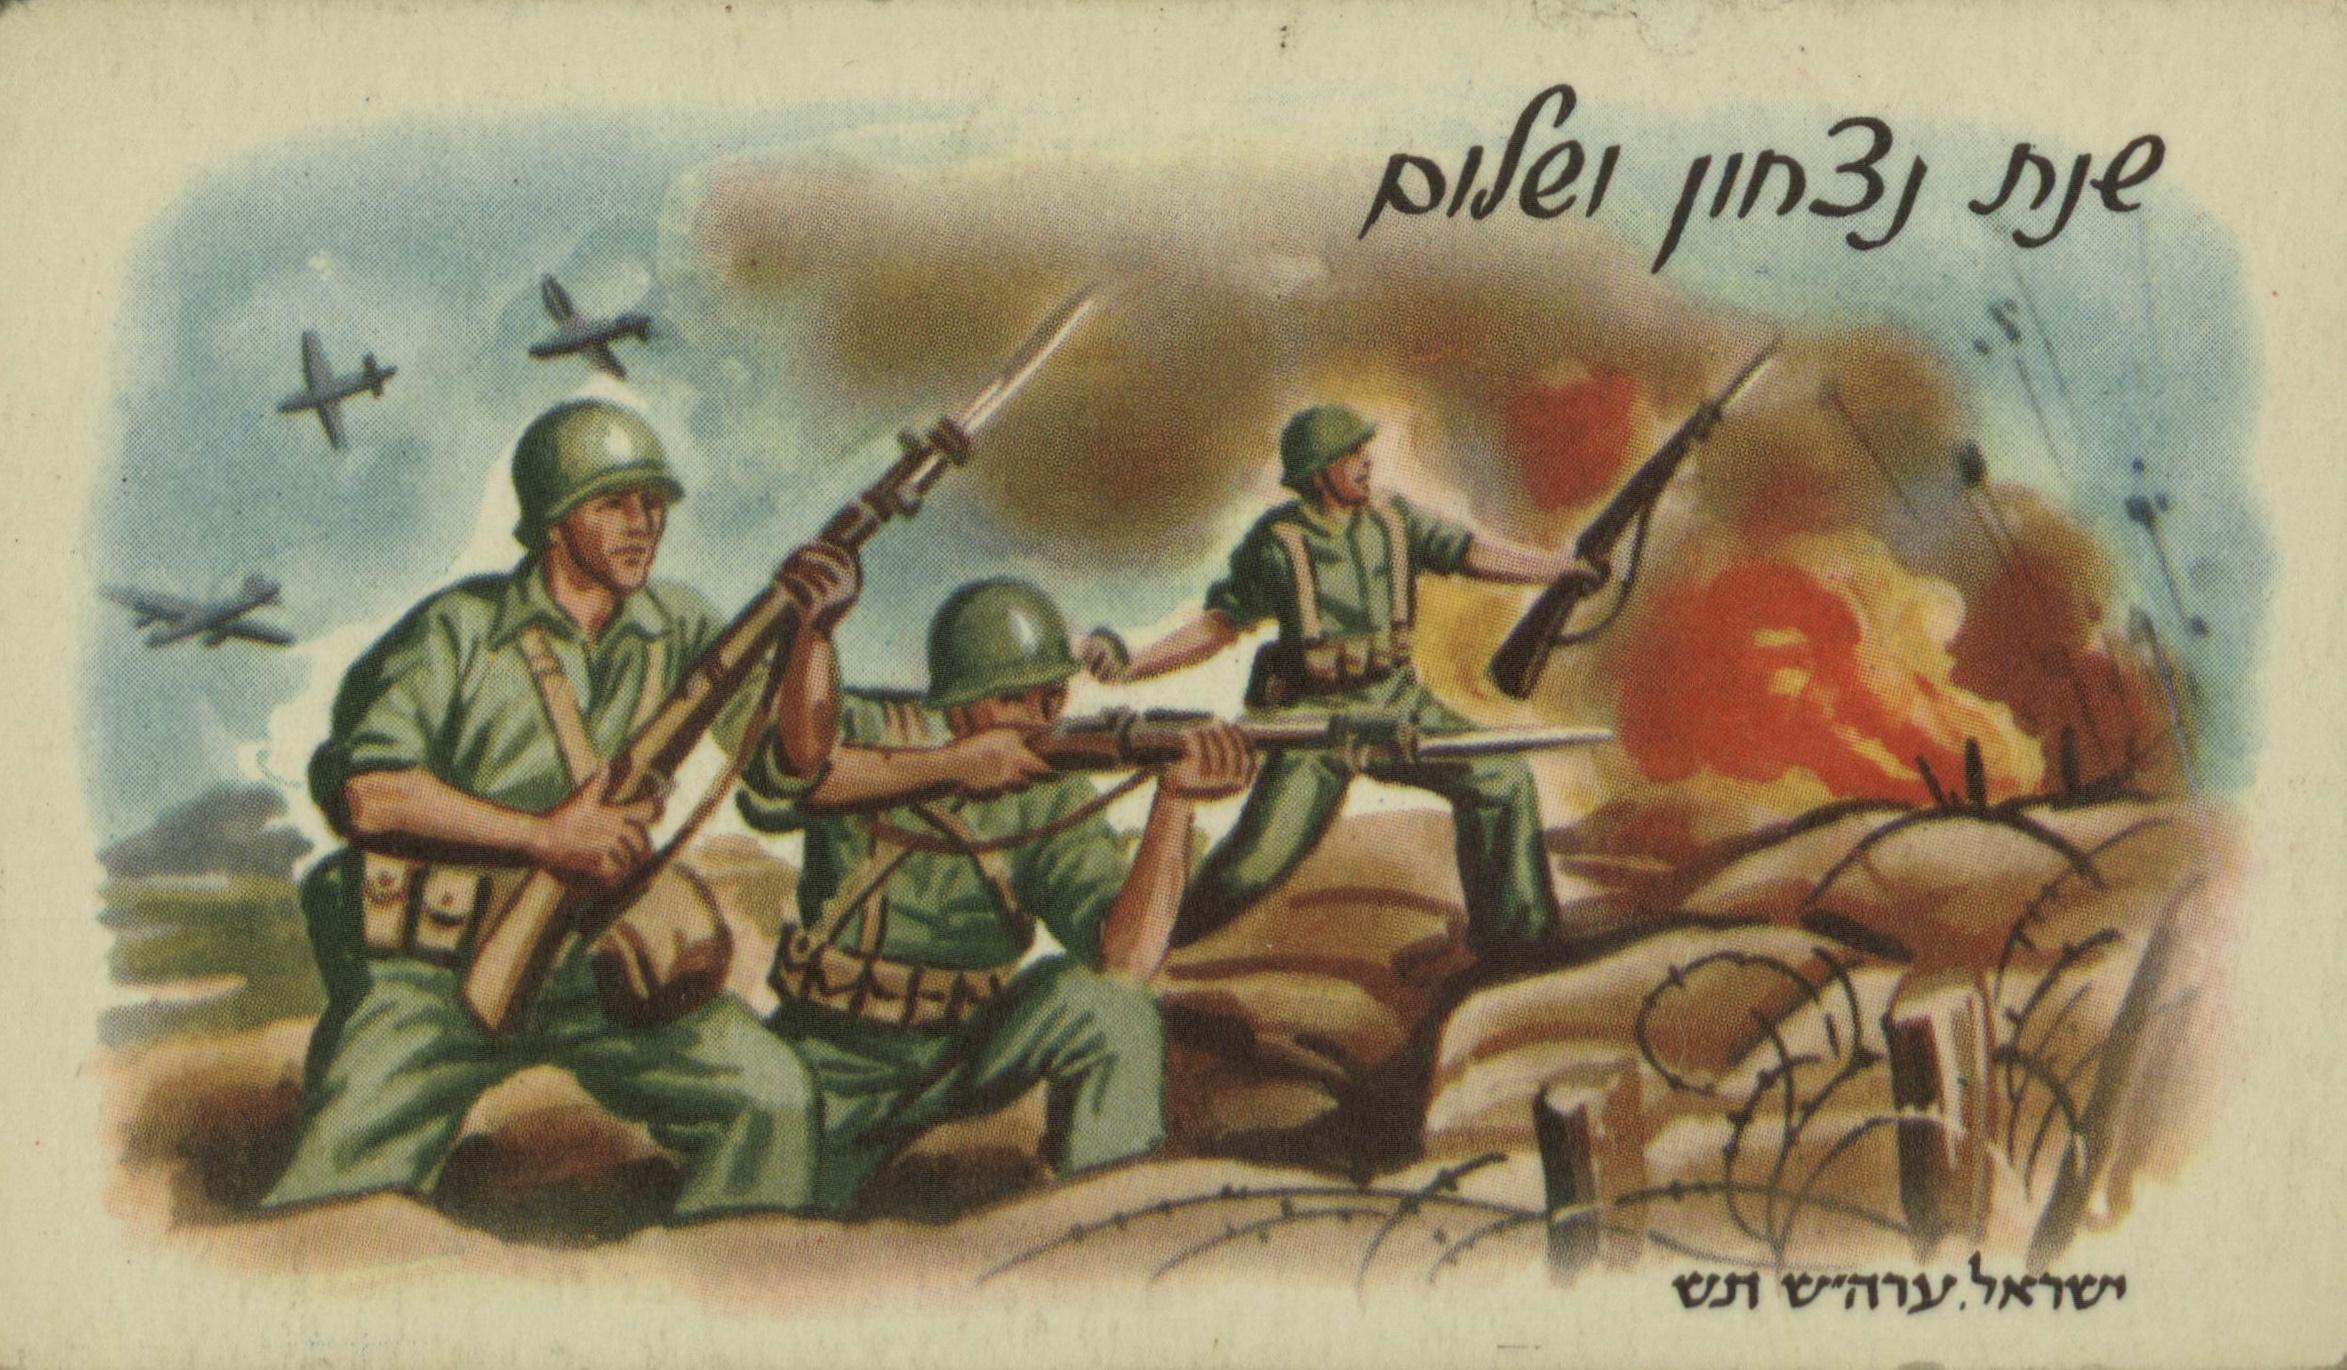 rosh hashanah 1943